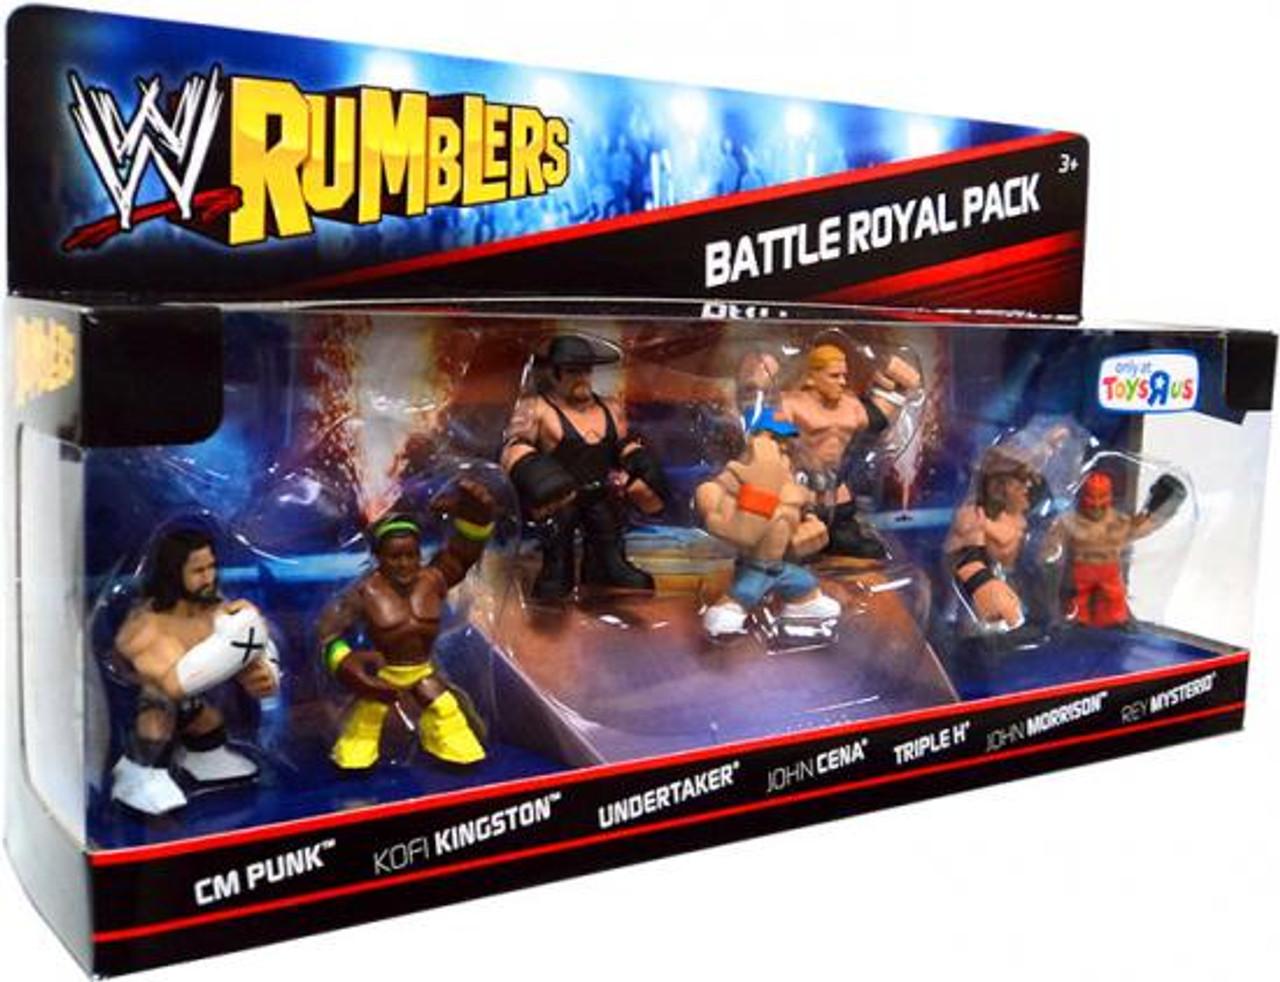 WWE Wrestling Rumblers Series 1 Battle Royal Pack Exclusive Mini Figure Set #1